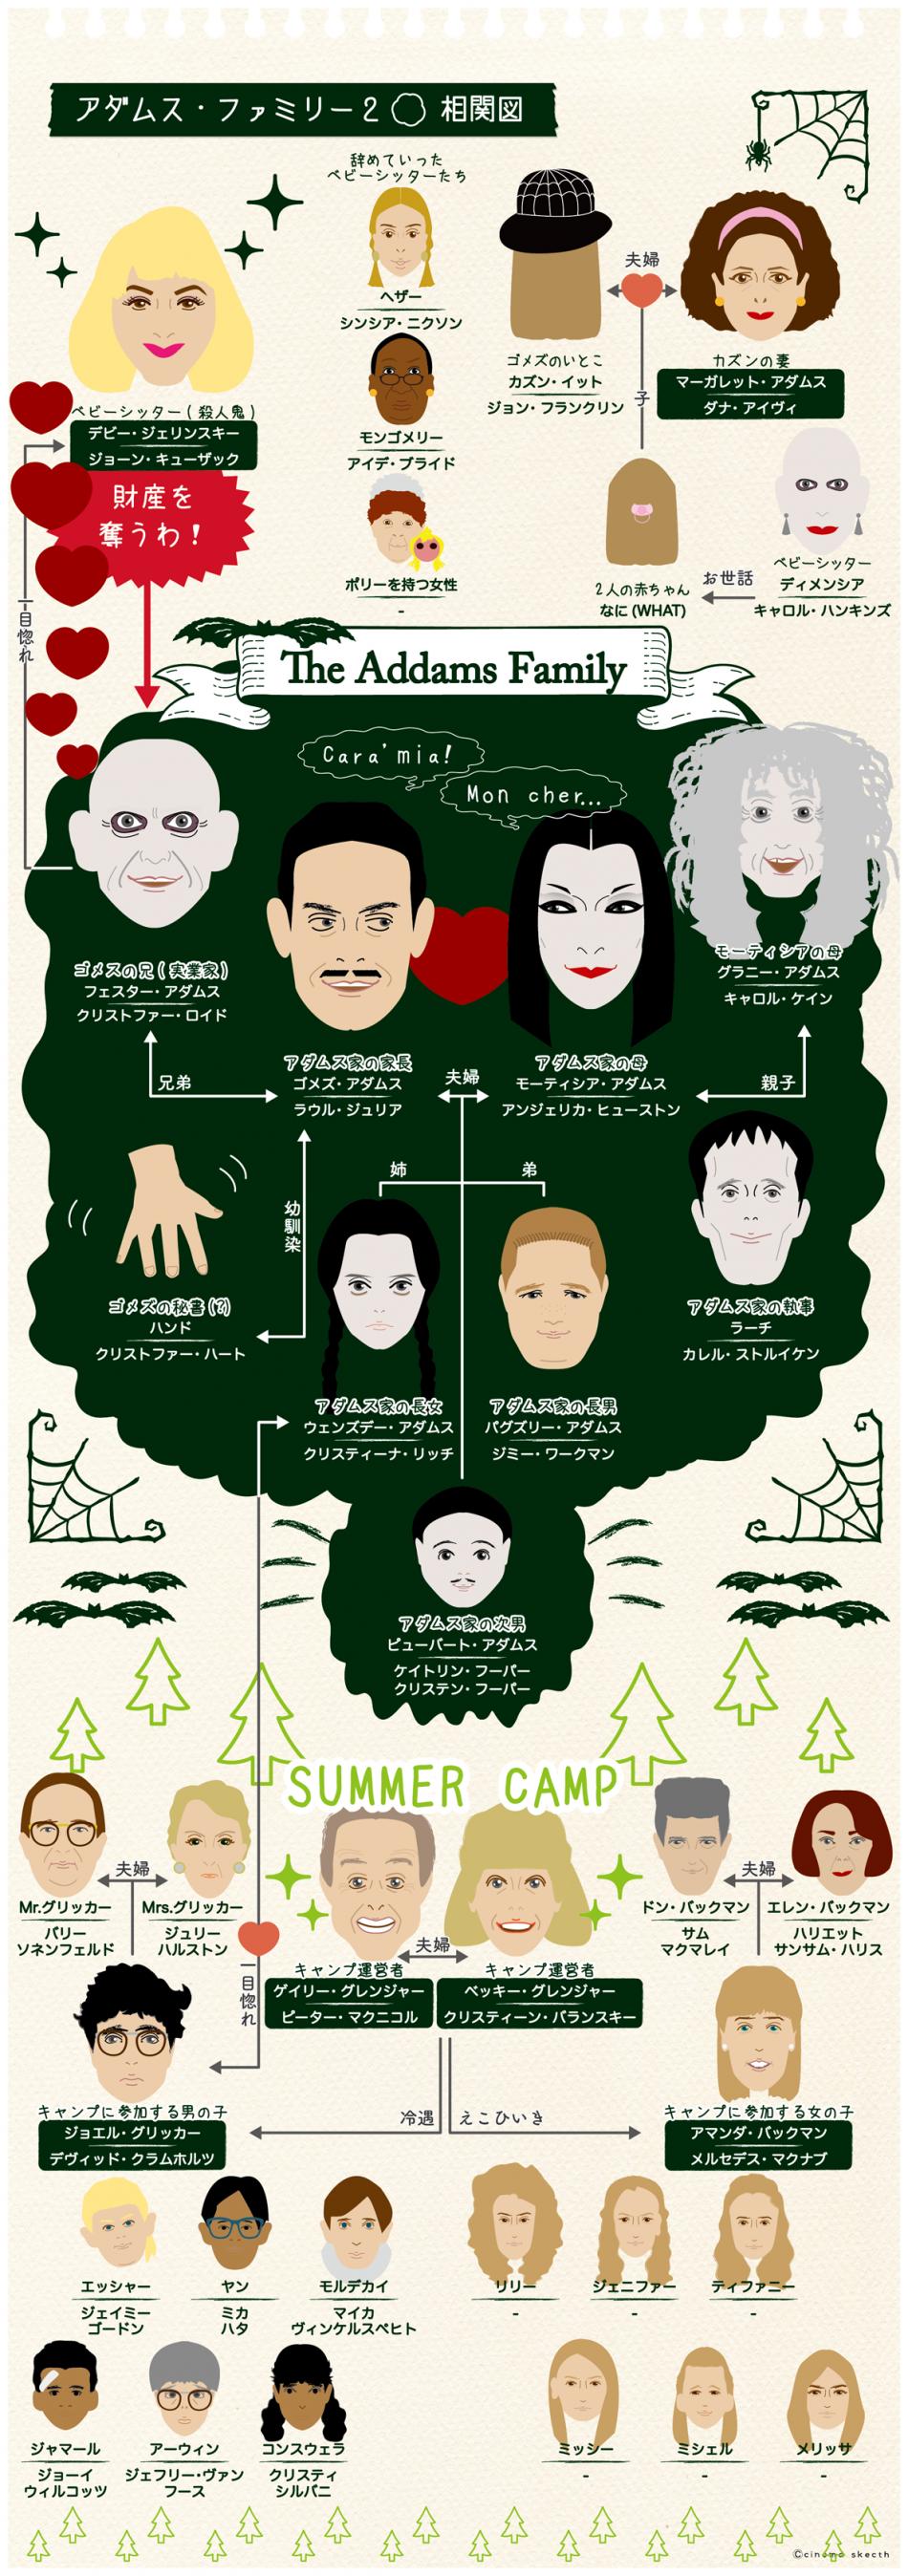 『アダムスファミリー2』の相関図